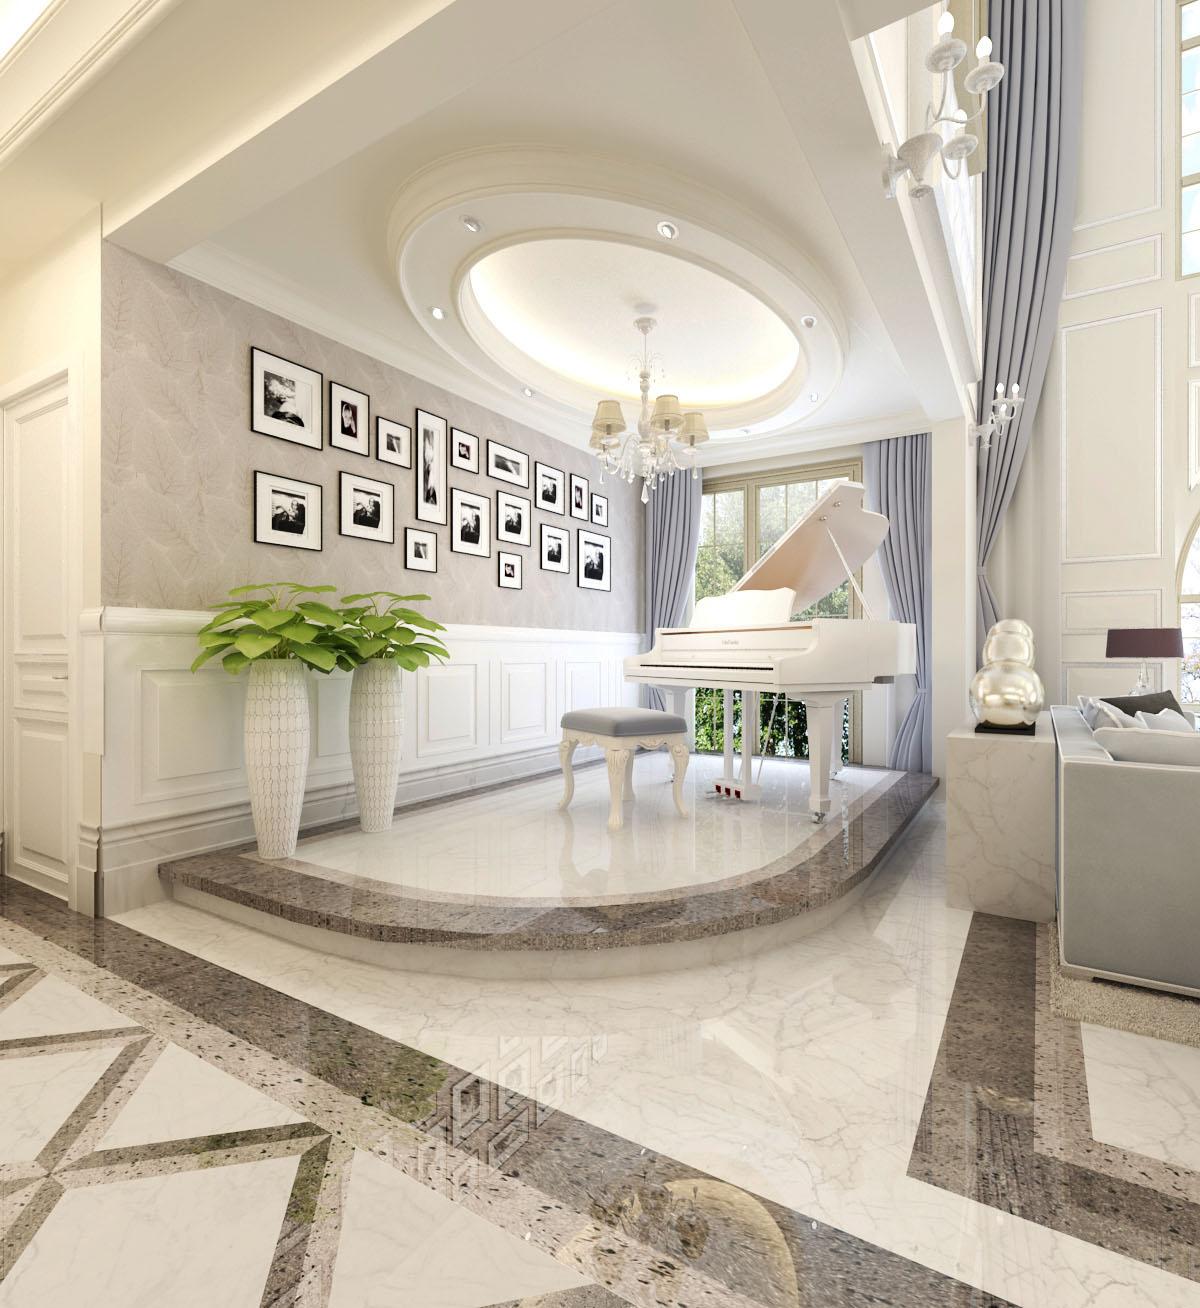 新古典别墅 白色简欧 别墅效果图图片来自383952120x在简欧白色新古典别墅的分享